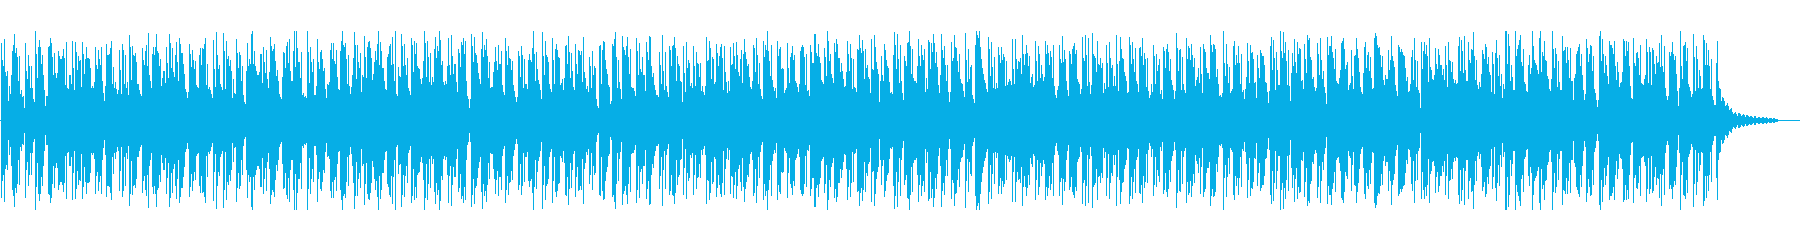 サックス中心のチルアウト、スムースR&Bの再生済みの波形